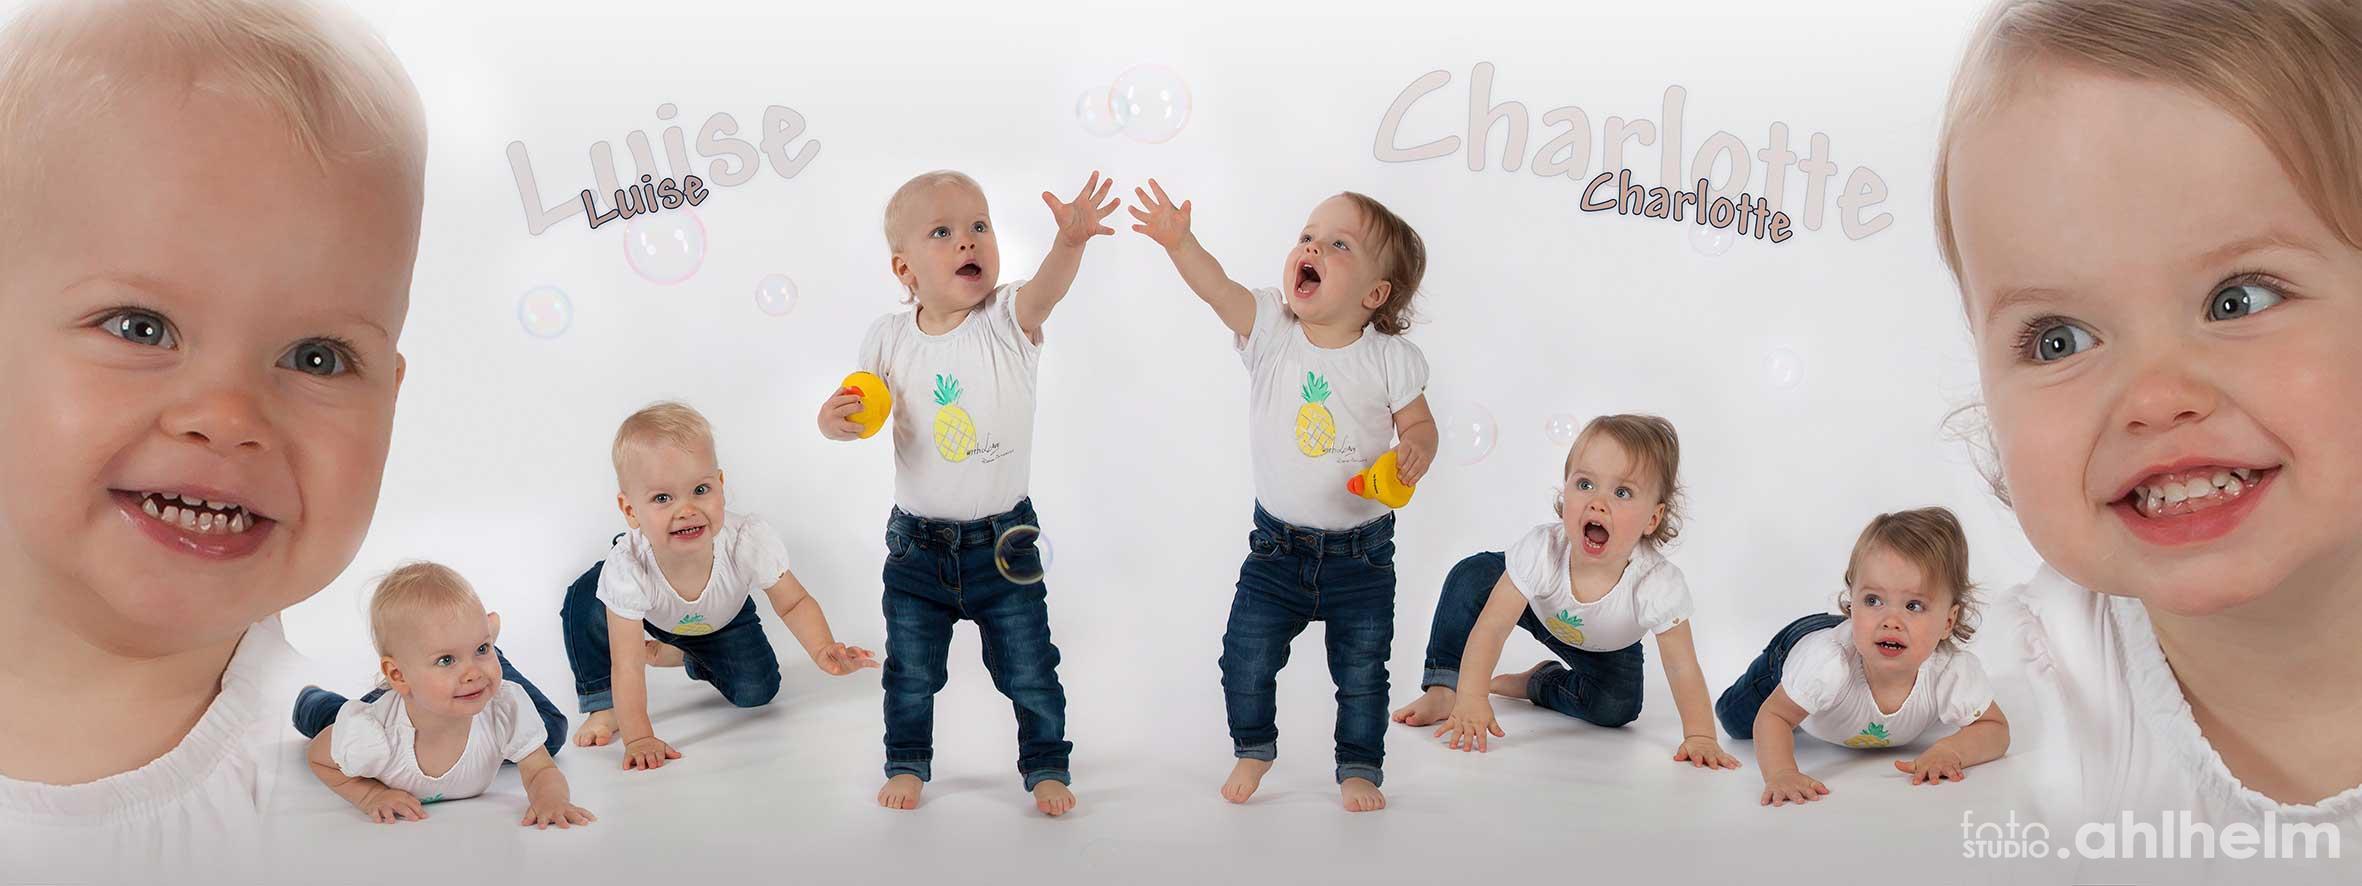 Fotostudio Ahlhelm Kinder Collage Zwillinge